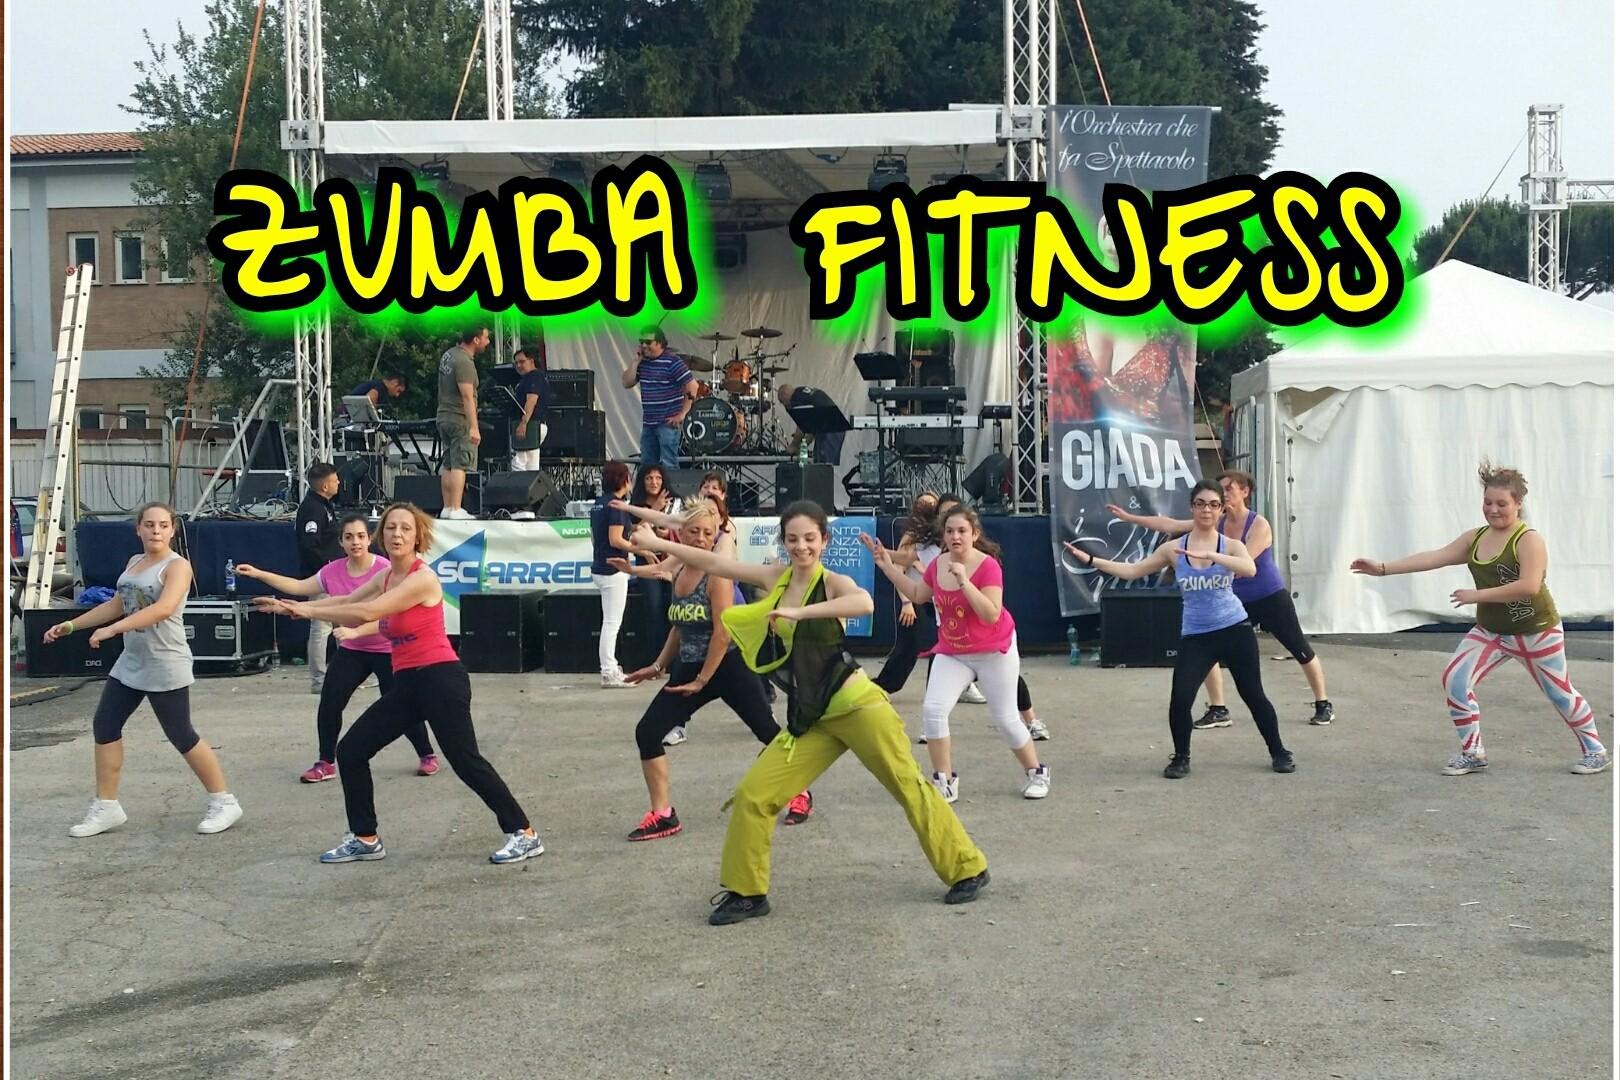 ZUMBEREEEEEE!!! Siete pronte per il Giovedì dedicato alla... ♢♢♢ZUMBA FITNESS♢♢♢ Zumba Fitness aiuta il vostro corpo a tornare alla forma che tanto desiderate sempre, però, con l'aiuto di una dieta equilibrata! Un'ora intera di aerobica e latini americani, mirata al dimagrimento, alla tonificazione e al DIVERTIMENTO!!! Se volete scoprire i benefici e i risultati di Zumba Fitness vi aspetto tutti i Giovedì alle ore 18:00 presso l'Associazione Culturale Ossigeno - Via San Biagio, Velletri! NON MANCATE!!!